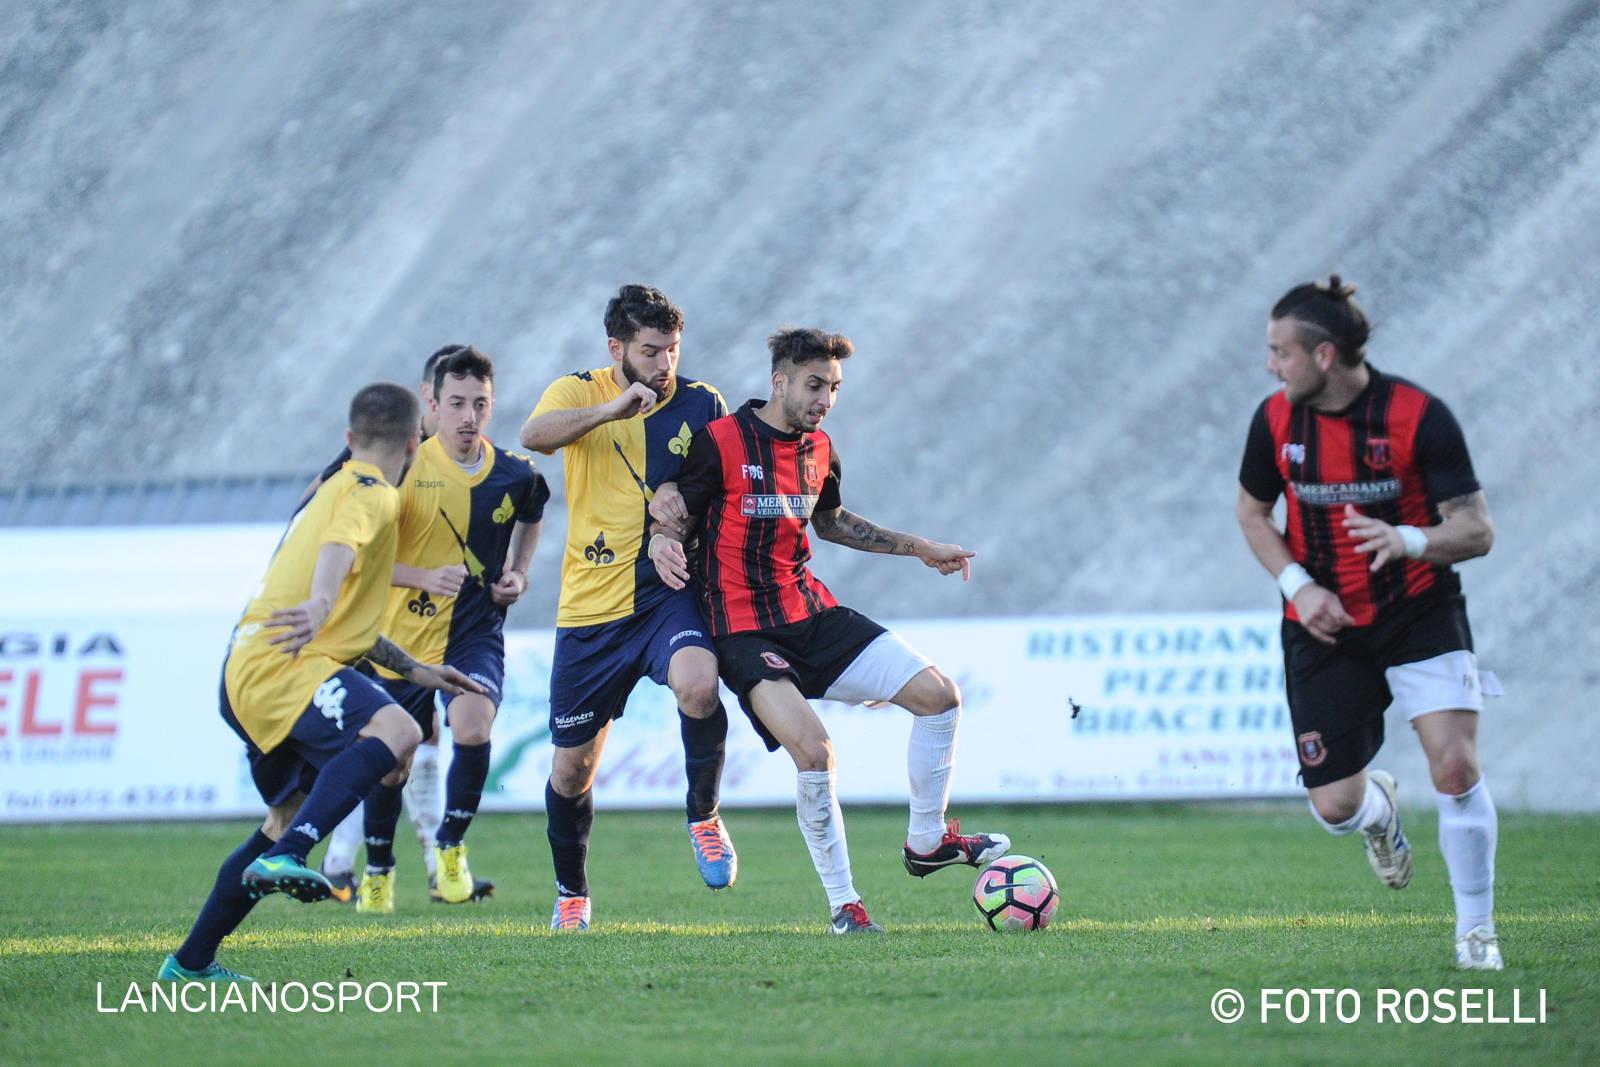 Il derby al Lanciano: Athletic sconfitto con due gol nei finali di tempo